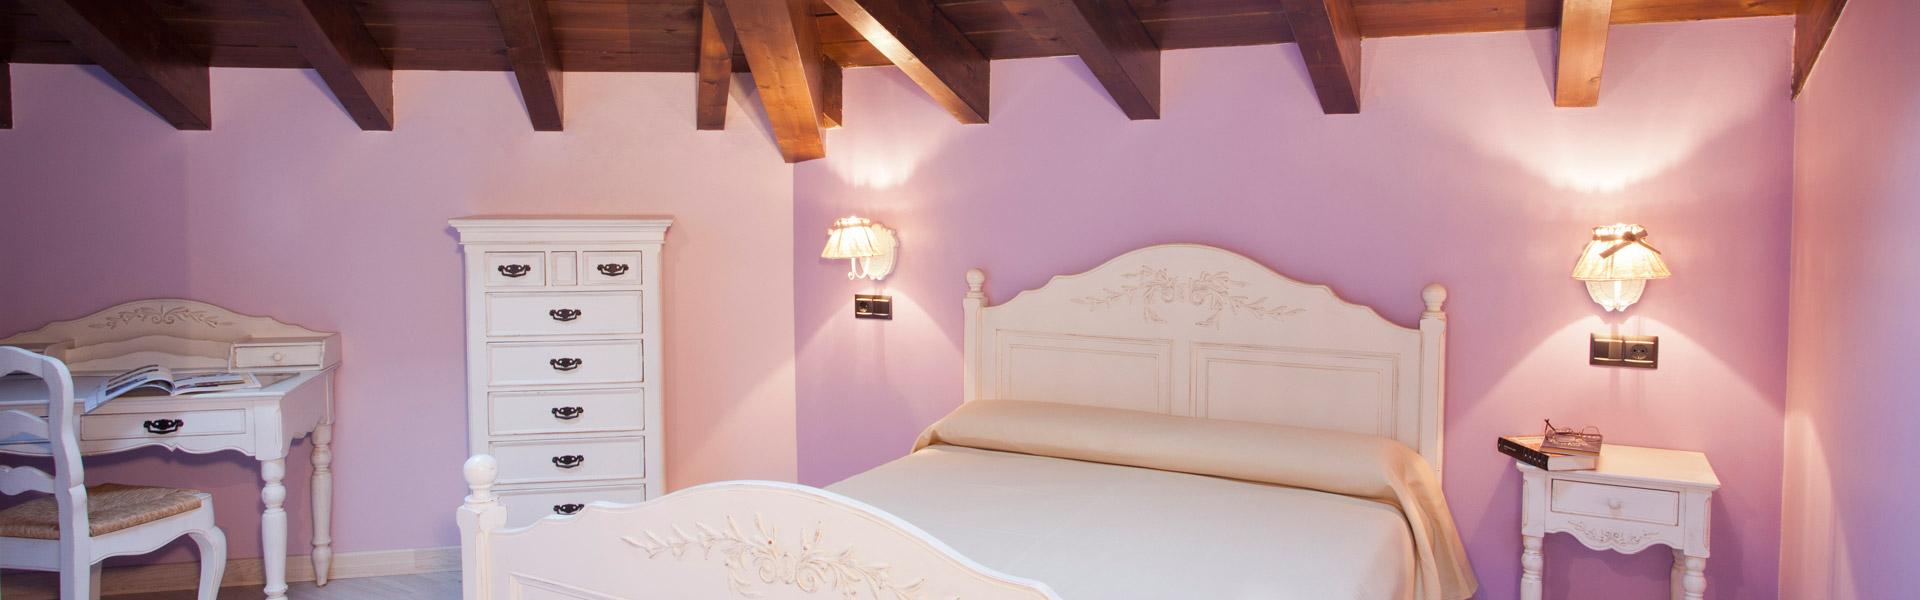 Apartamento - Suite Muñón Cimero - detalle habitación